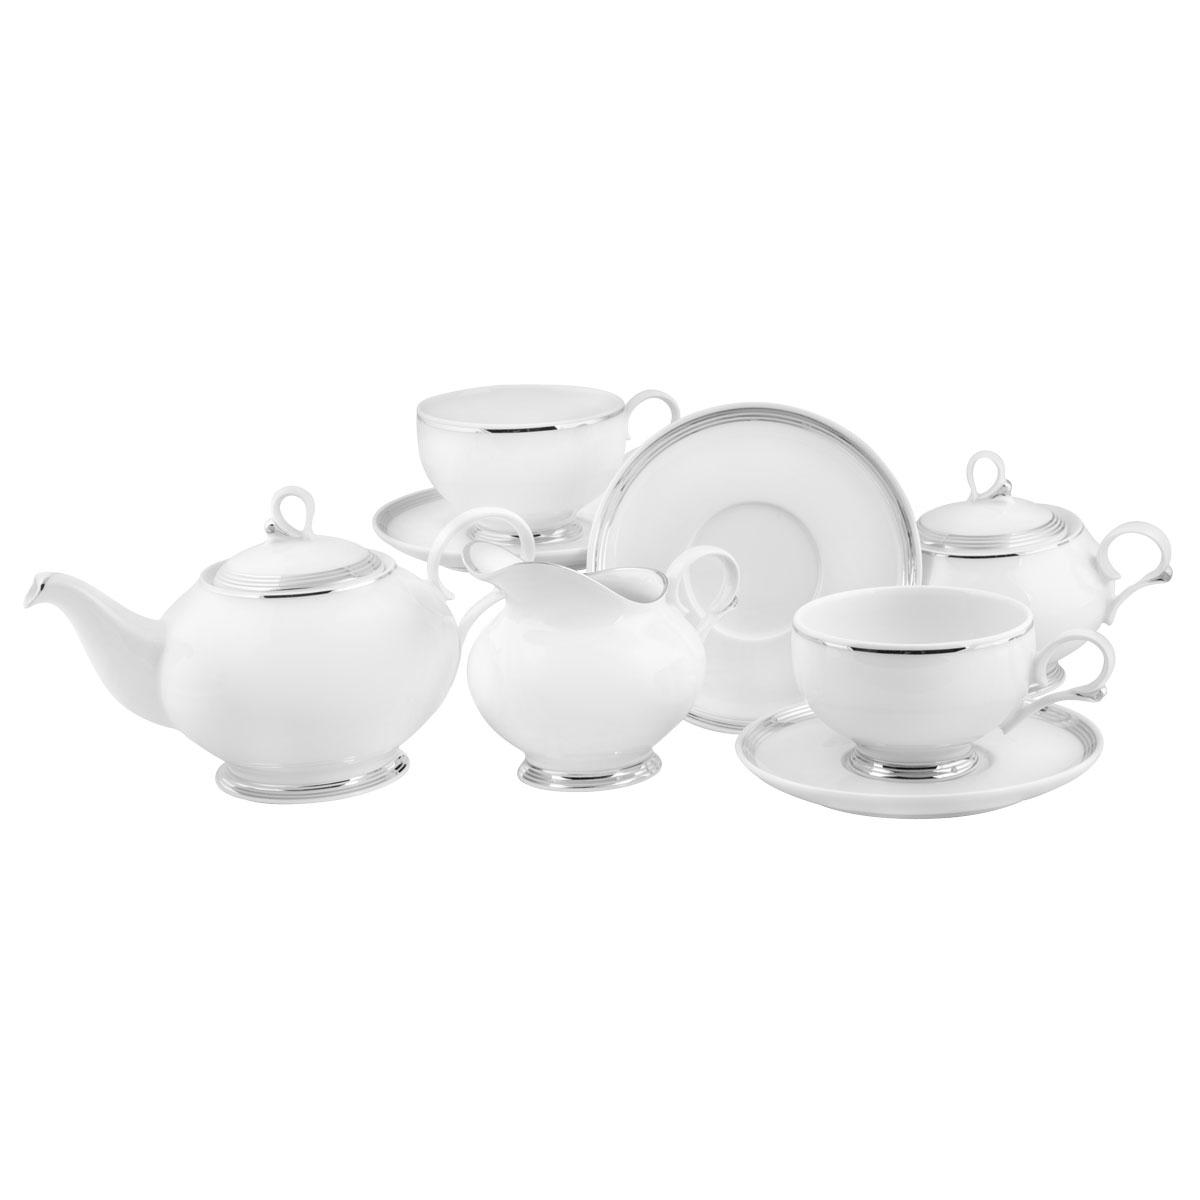 Сервиз чайный Башфарфор Серебряная нить, 15 предметов115510Сервиз чайный из белого фарфора рассчитан на 6 персон. Тонкий белый фарфор украшен серебрянным орнаментом. Удобная, практичная, легкая посуда, подходит и для особых случаев и на каждый день.В состав набора входит: чашка 250мл 6 шт, блюдце 14,5см 6 шт, сахарница 300мл 1шт, чайник 600мл 1 шт, Молочник 250мл 1шт.